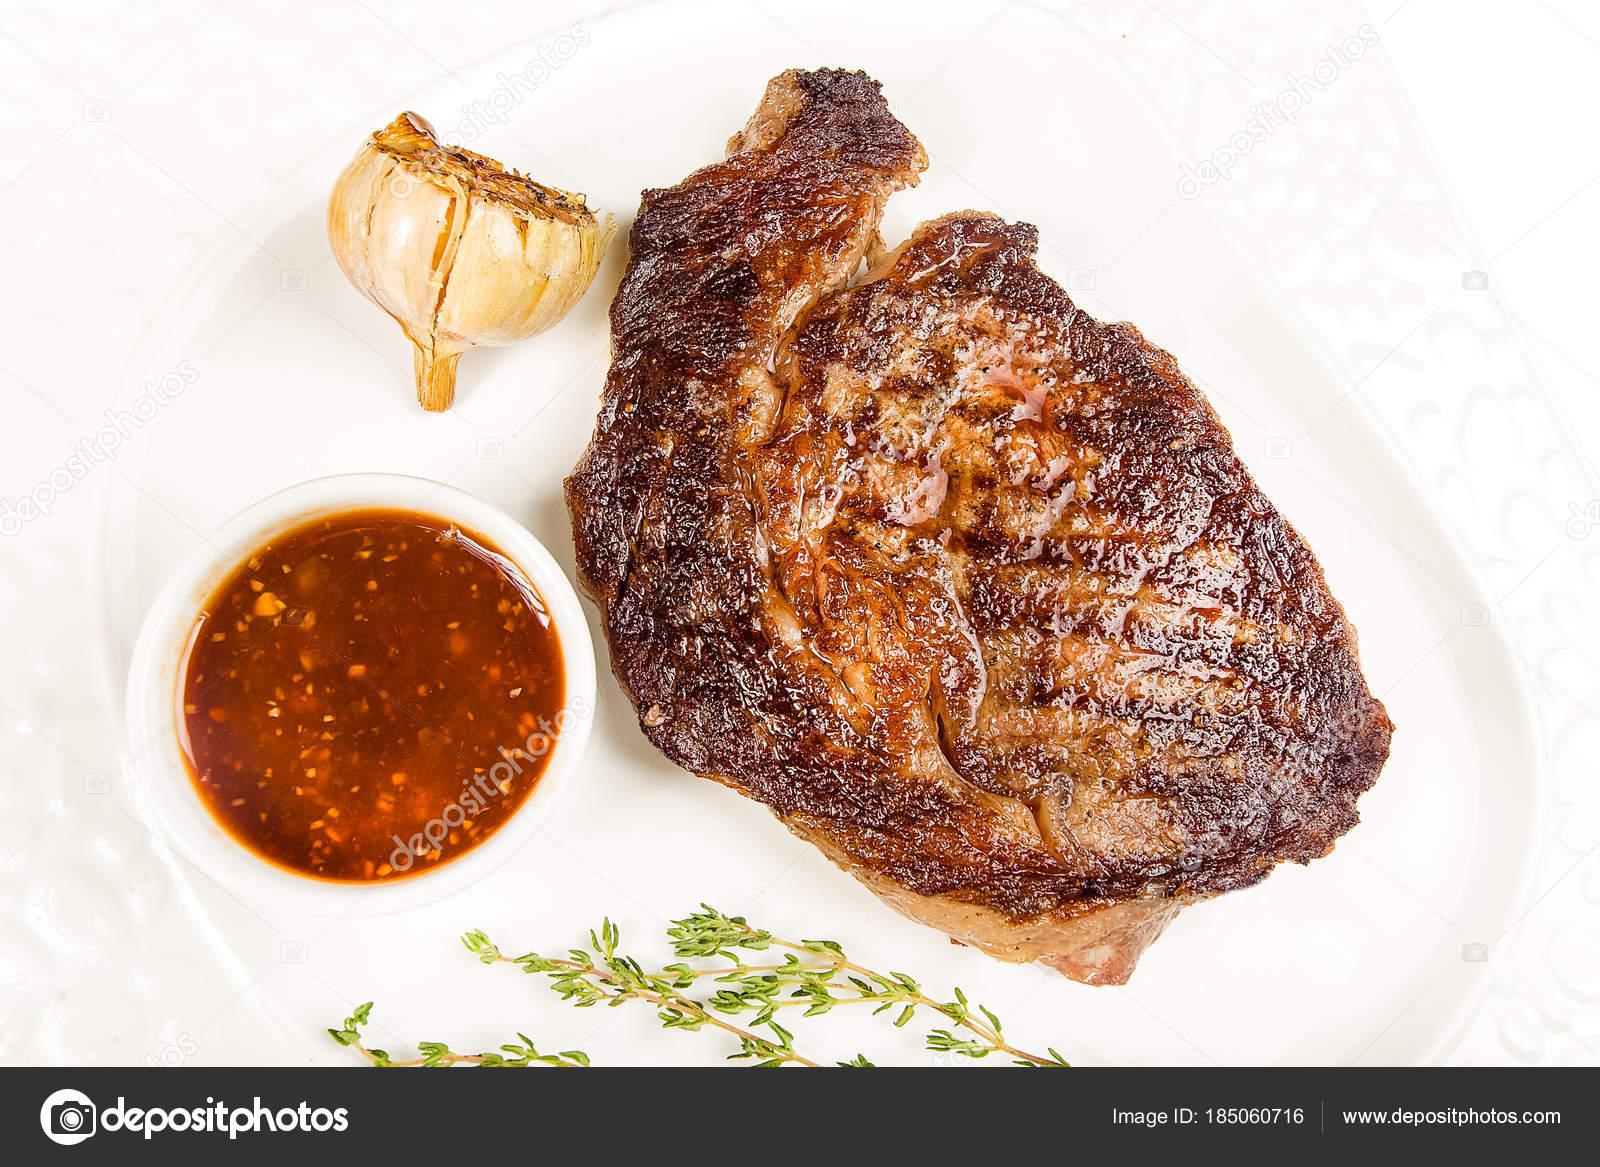 biefstuk met knoflook